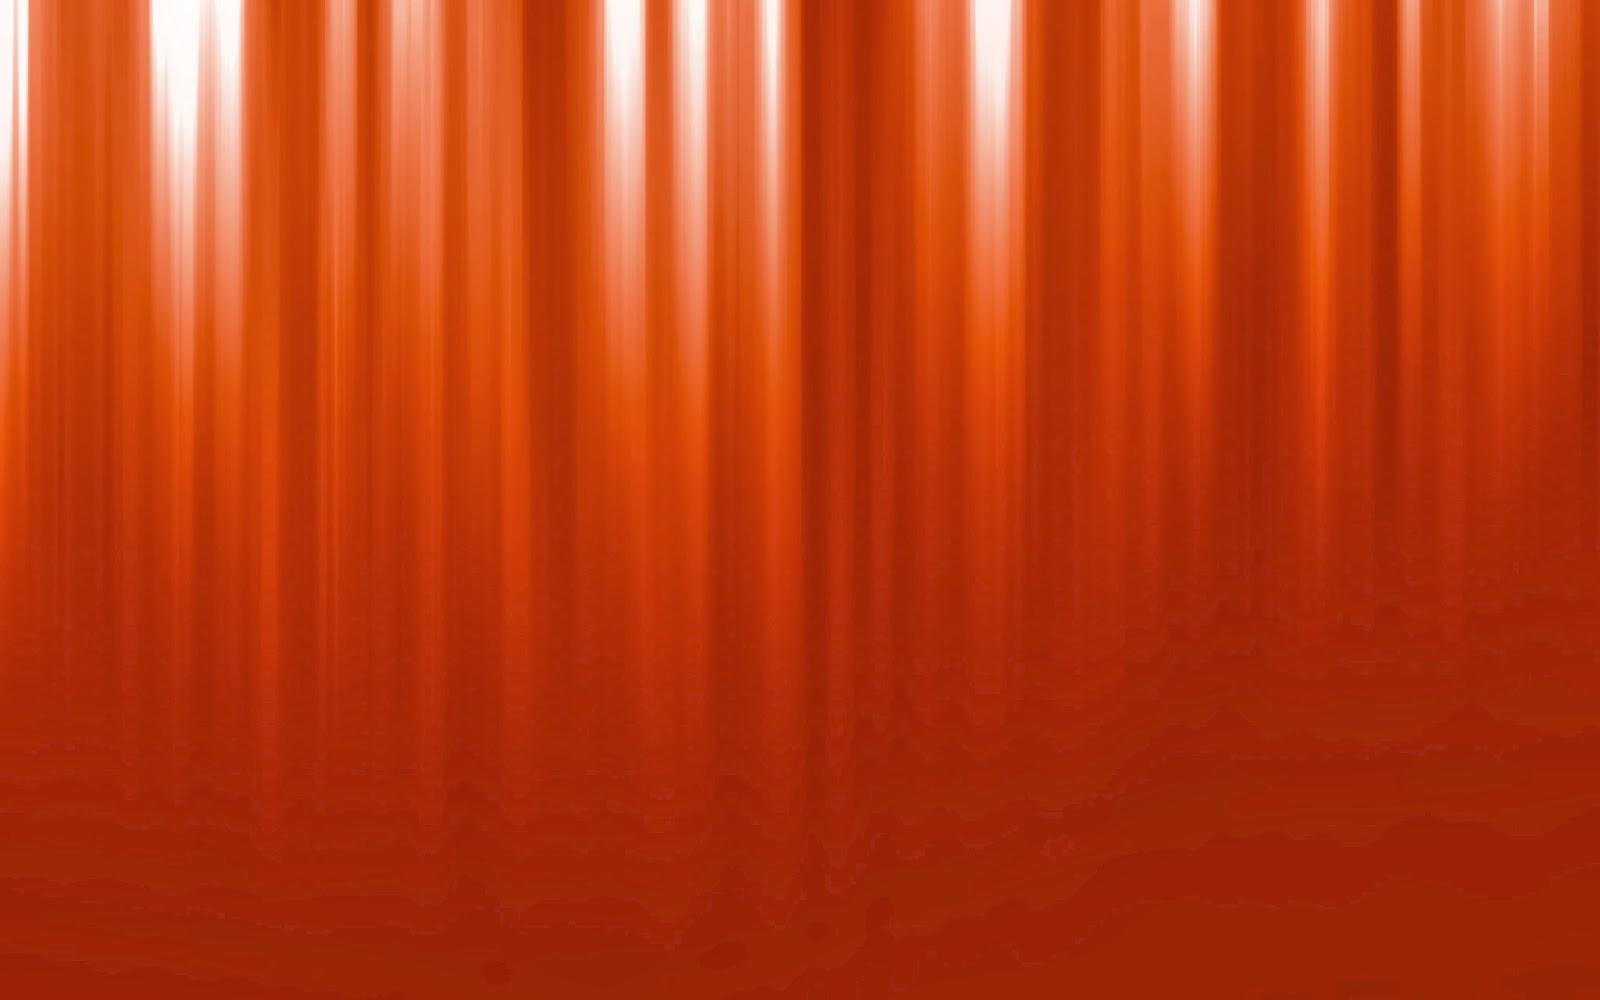 بالصور خلفيات الوان , خلفيات ملونه جميلة 5587 9